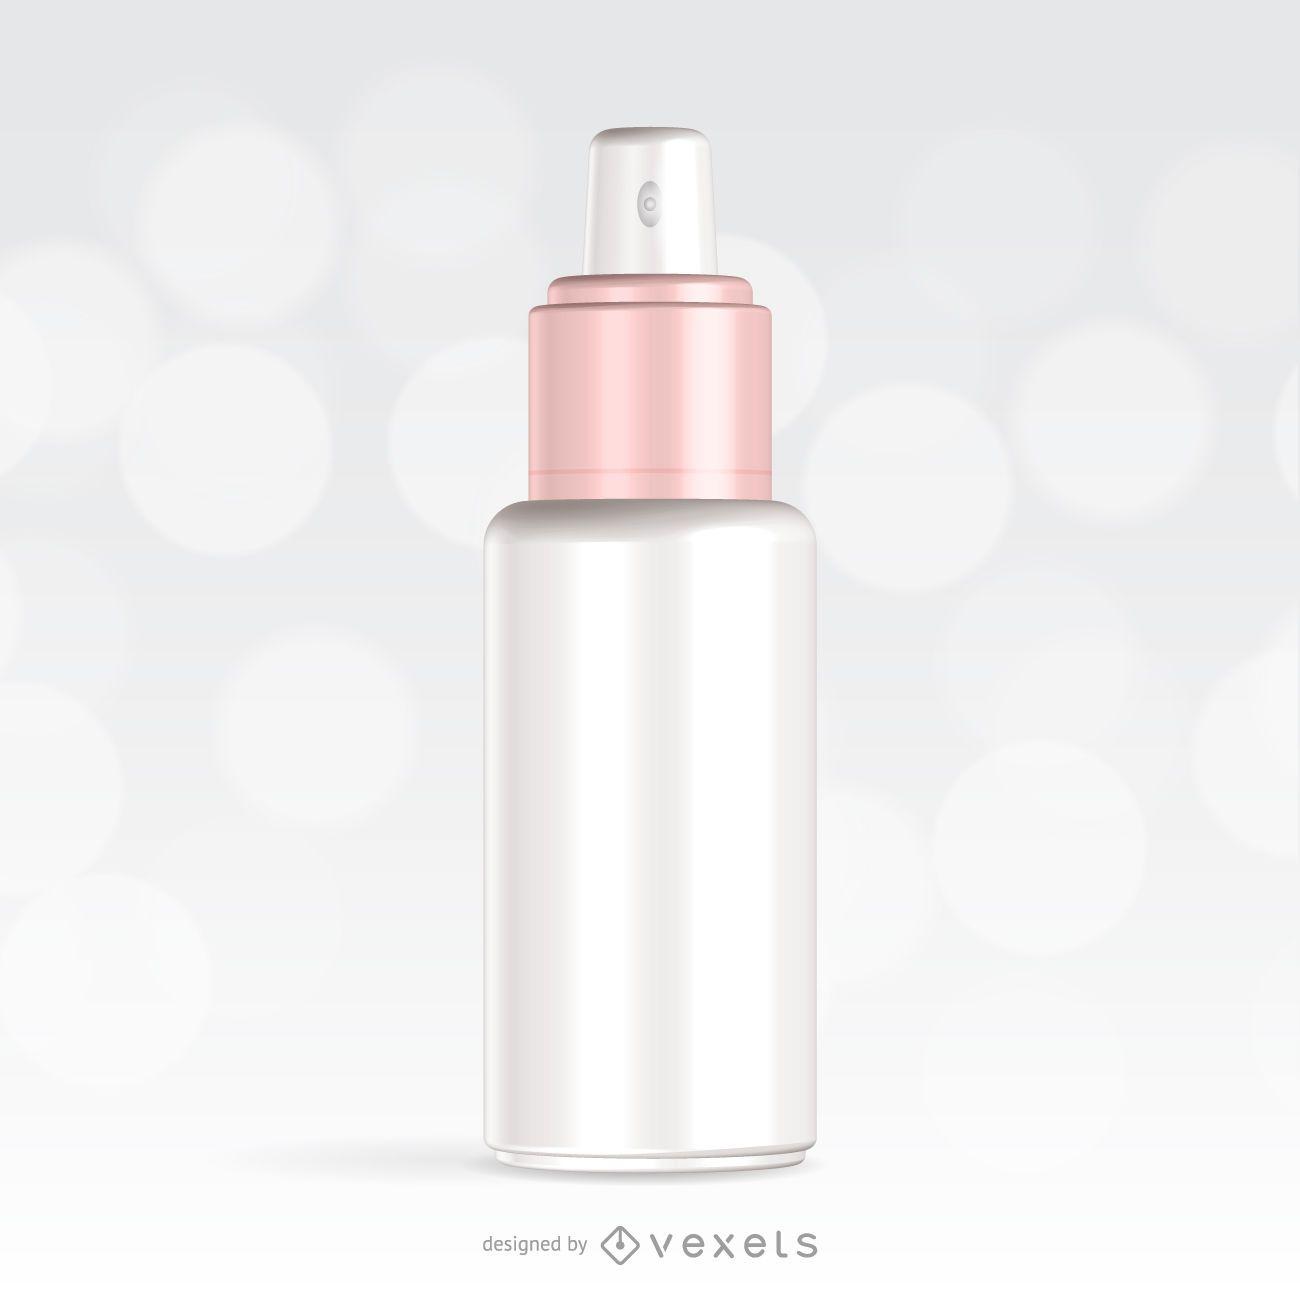 Spray packaging mockup design